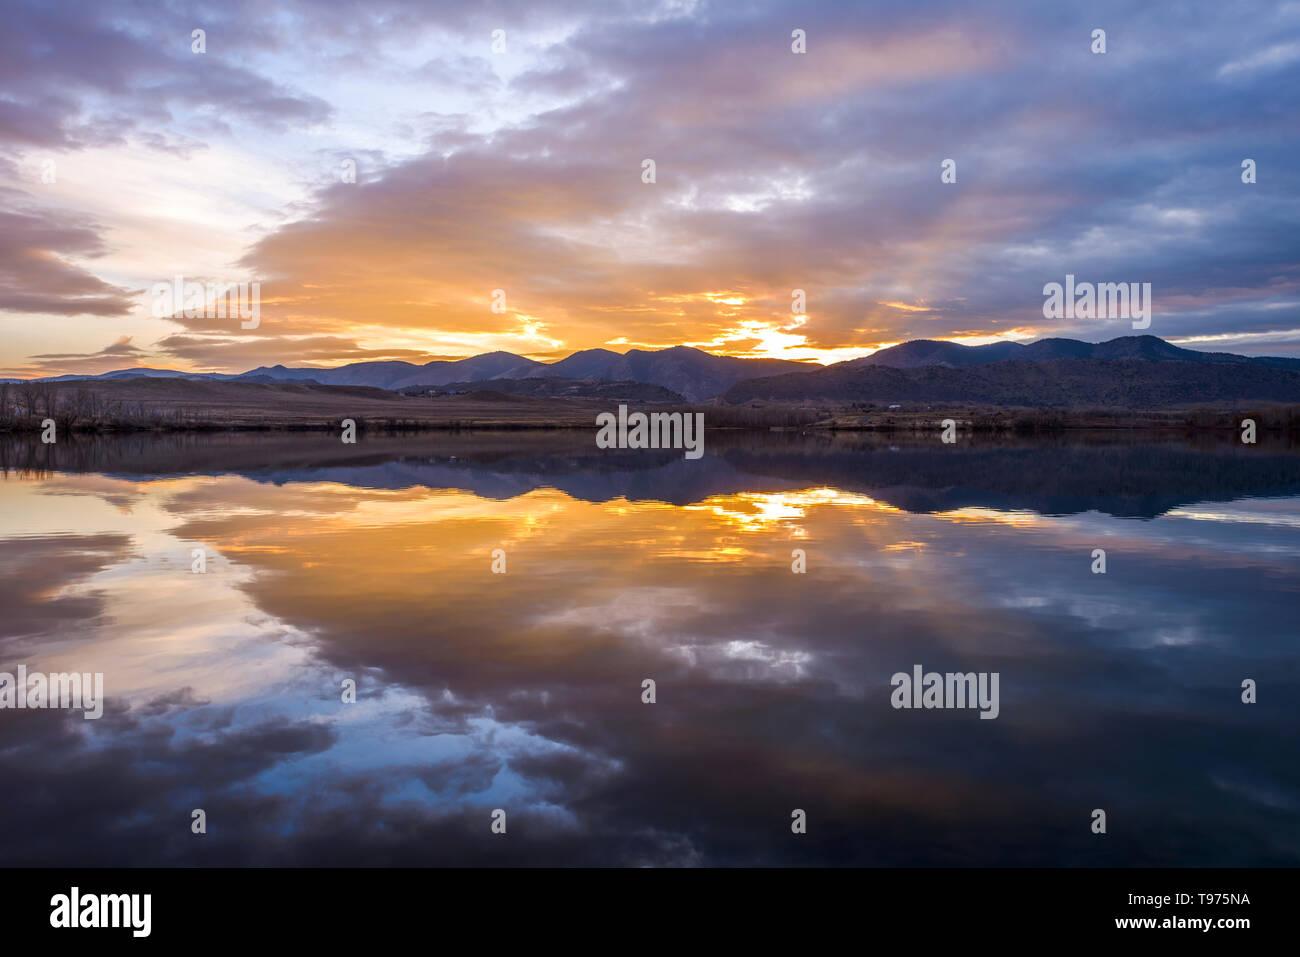 Sunset Mountain Lake - Colorful winter sunset at Bear Creek Lake, Denver-Lakewood, Colorado, USA. - Stock Image